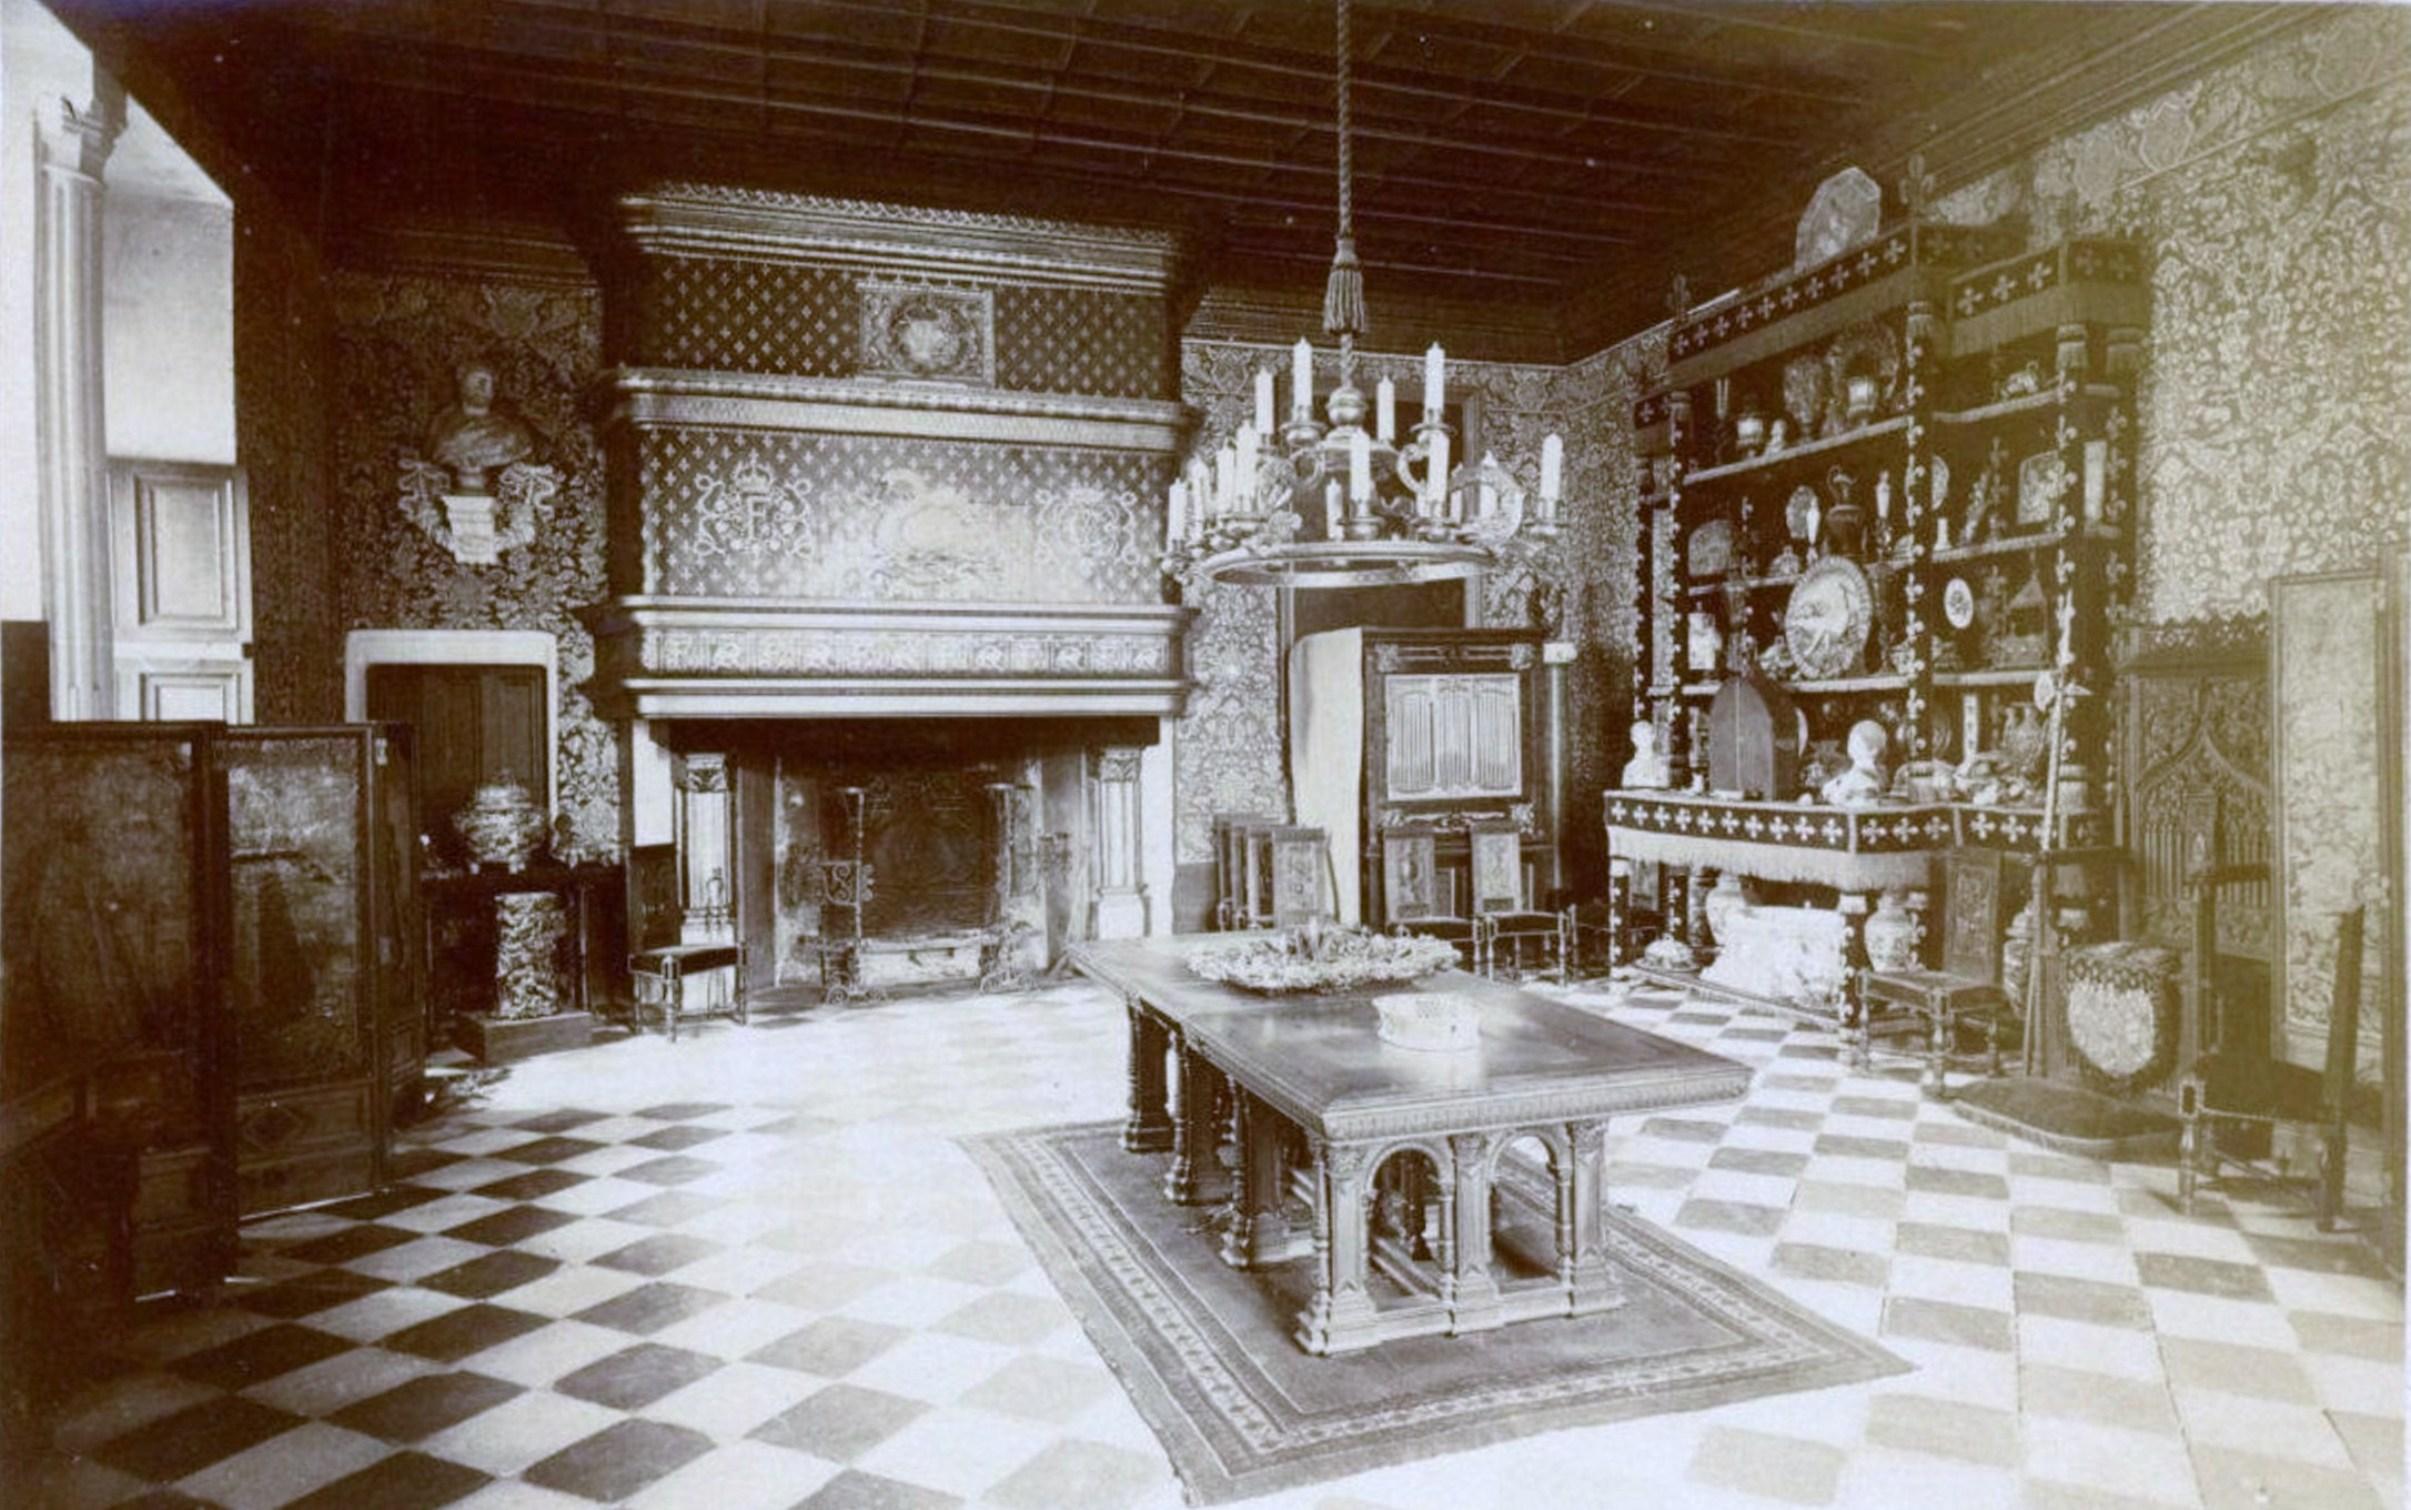 Fichier:Château de Chenonceau - Salle à manger (05).jpg — Wikipédia